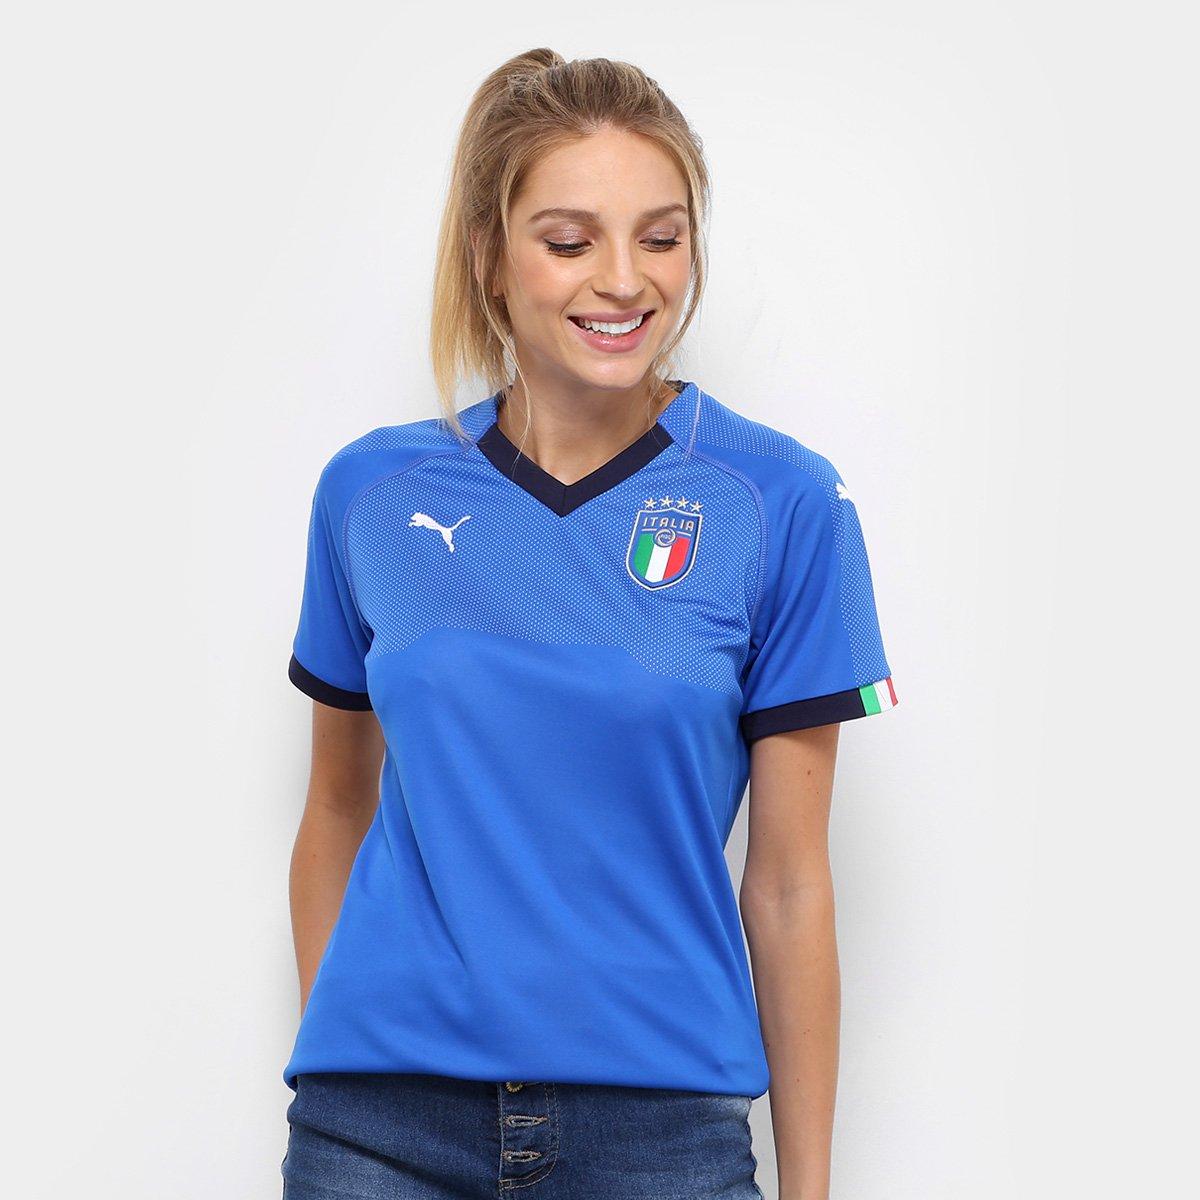 9d74d62731 Camisa Seleção Itália Home 2018 s n° - Torcedor Puma Feminina - Azul - Compre  Agora